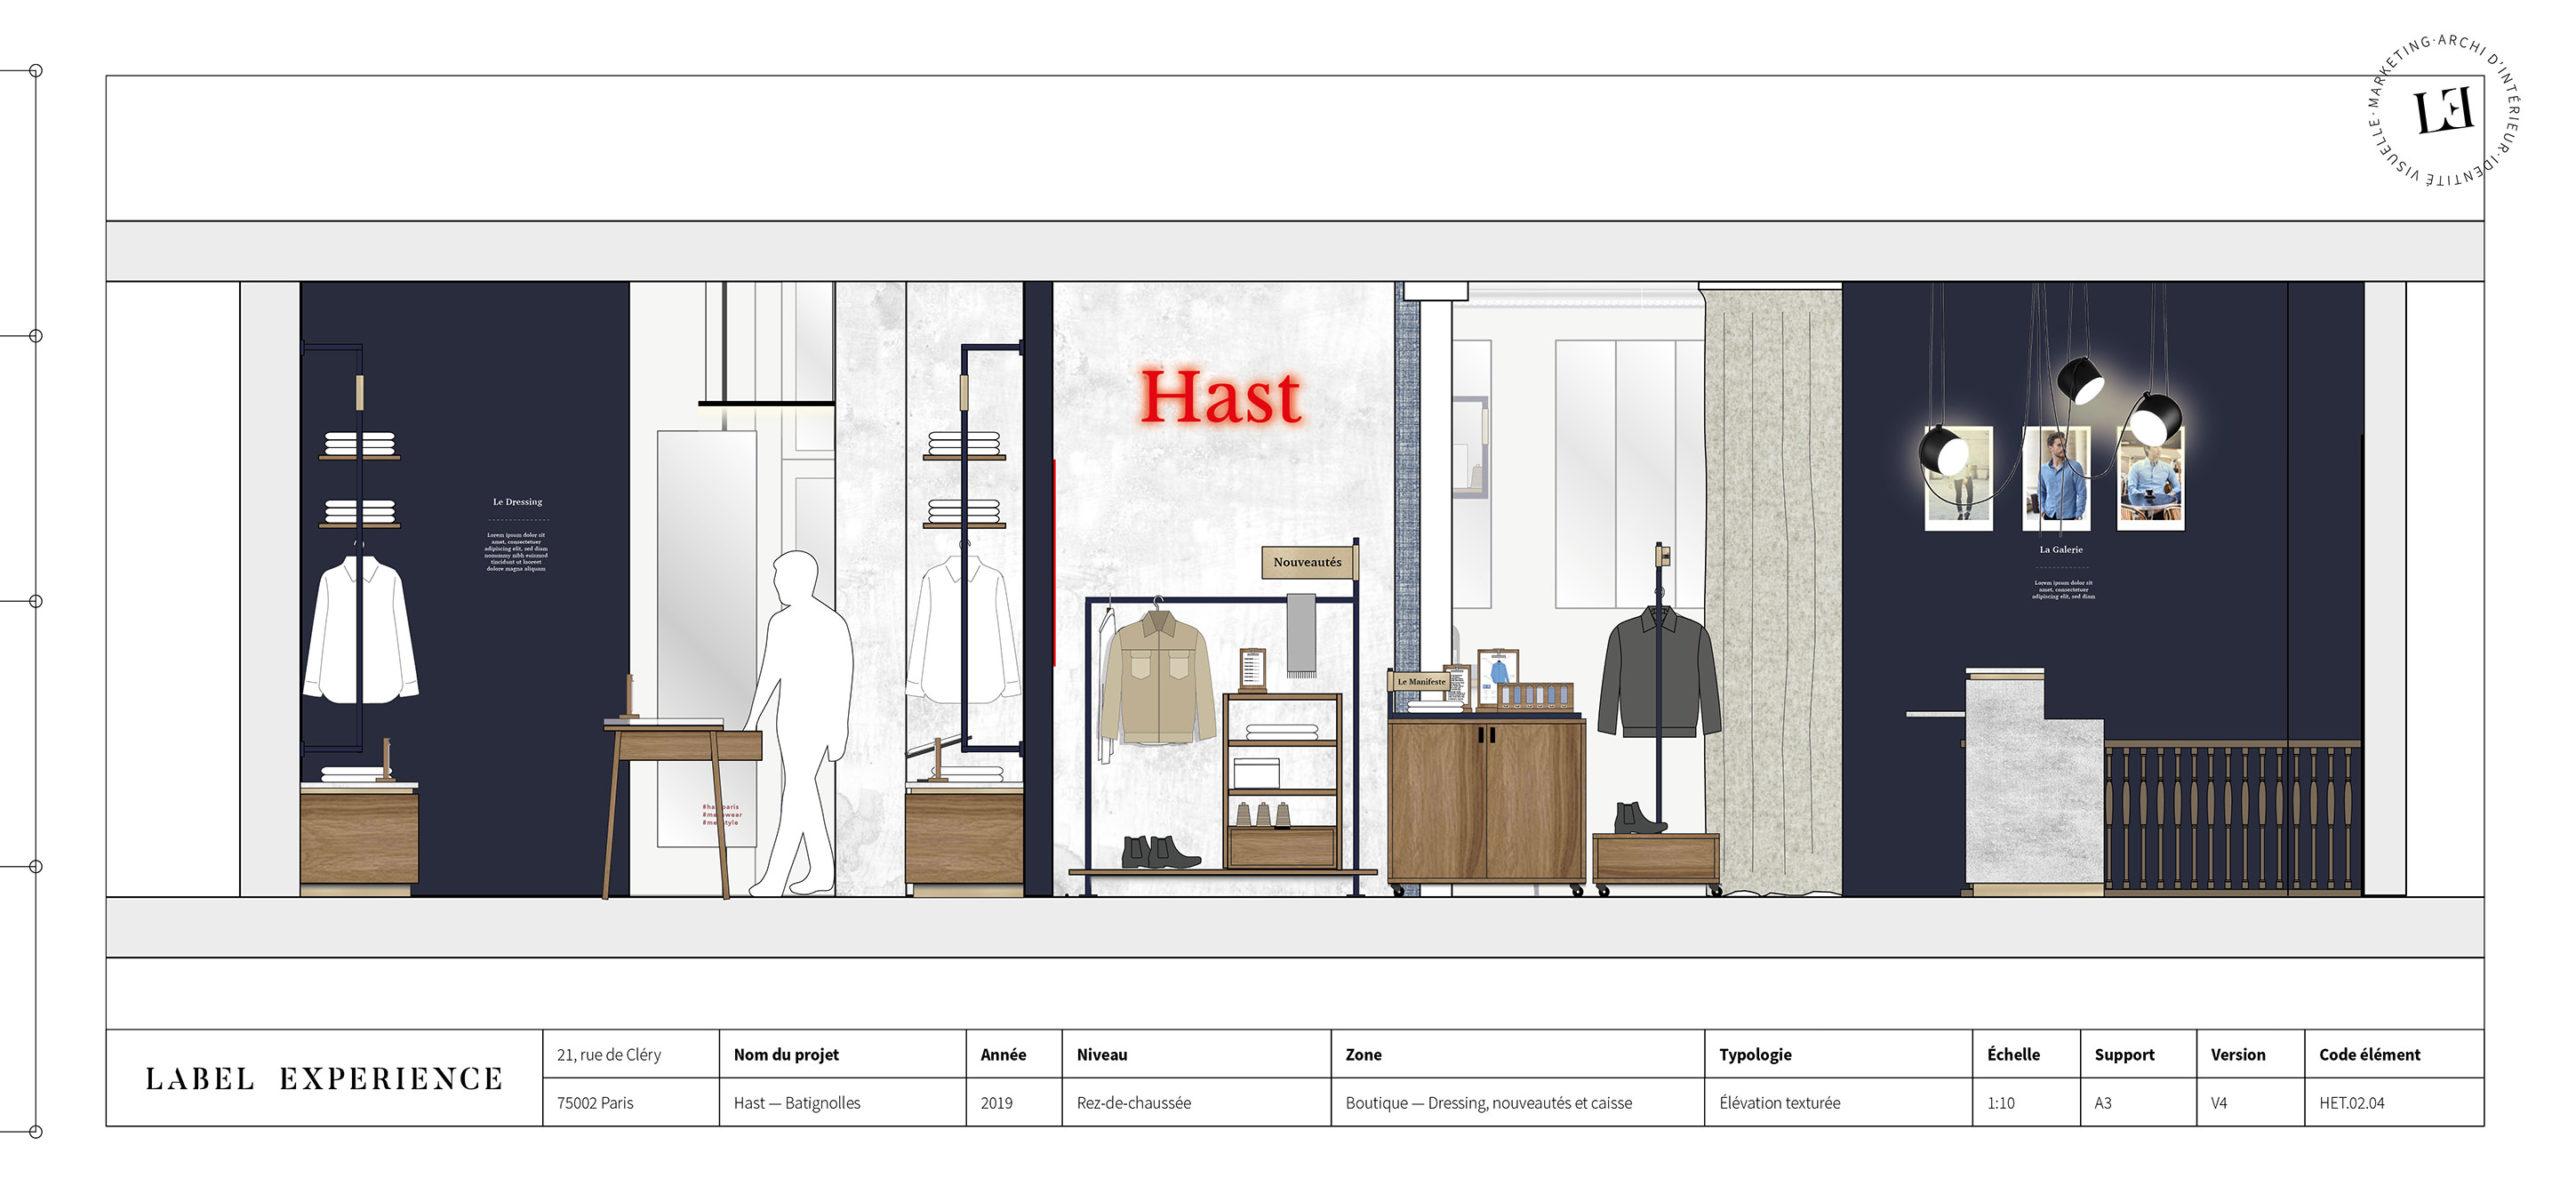 Label Expérience: Croquis de l'agencement de la future boutique « Hast » aux Batignolles.